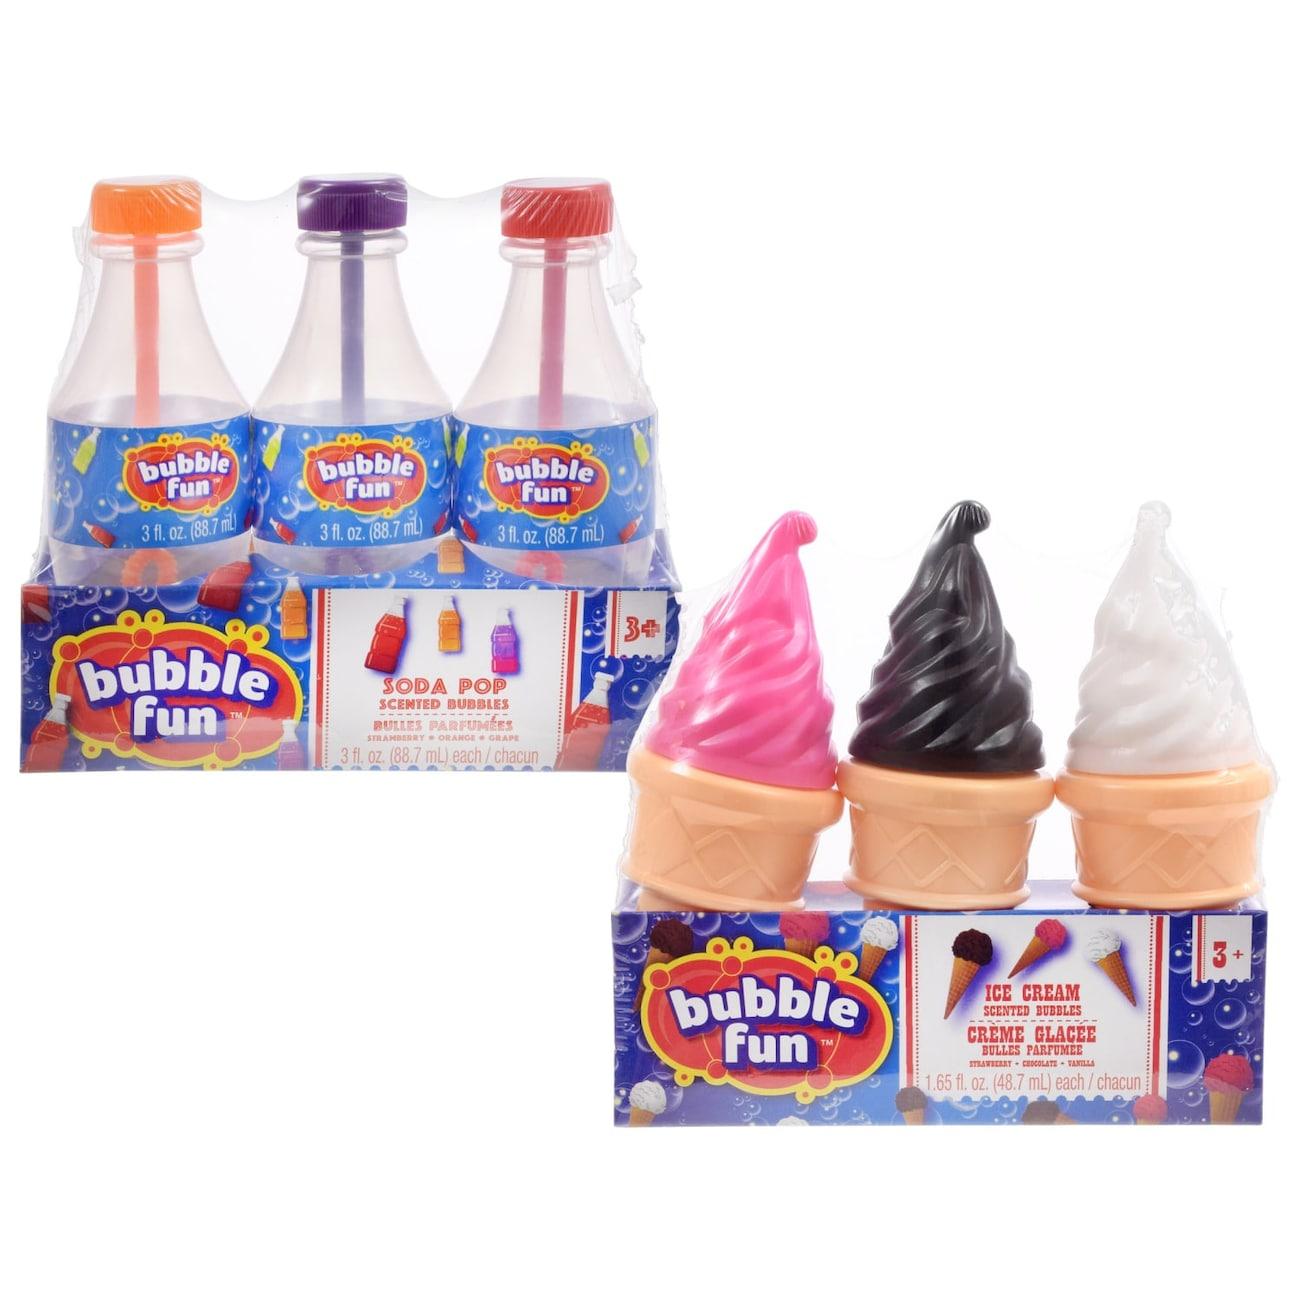 e4beb74300e Bubble Fun Ice Cream and Soda Pop Scented Bubbles